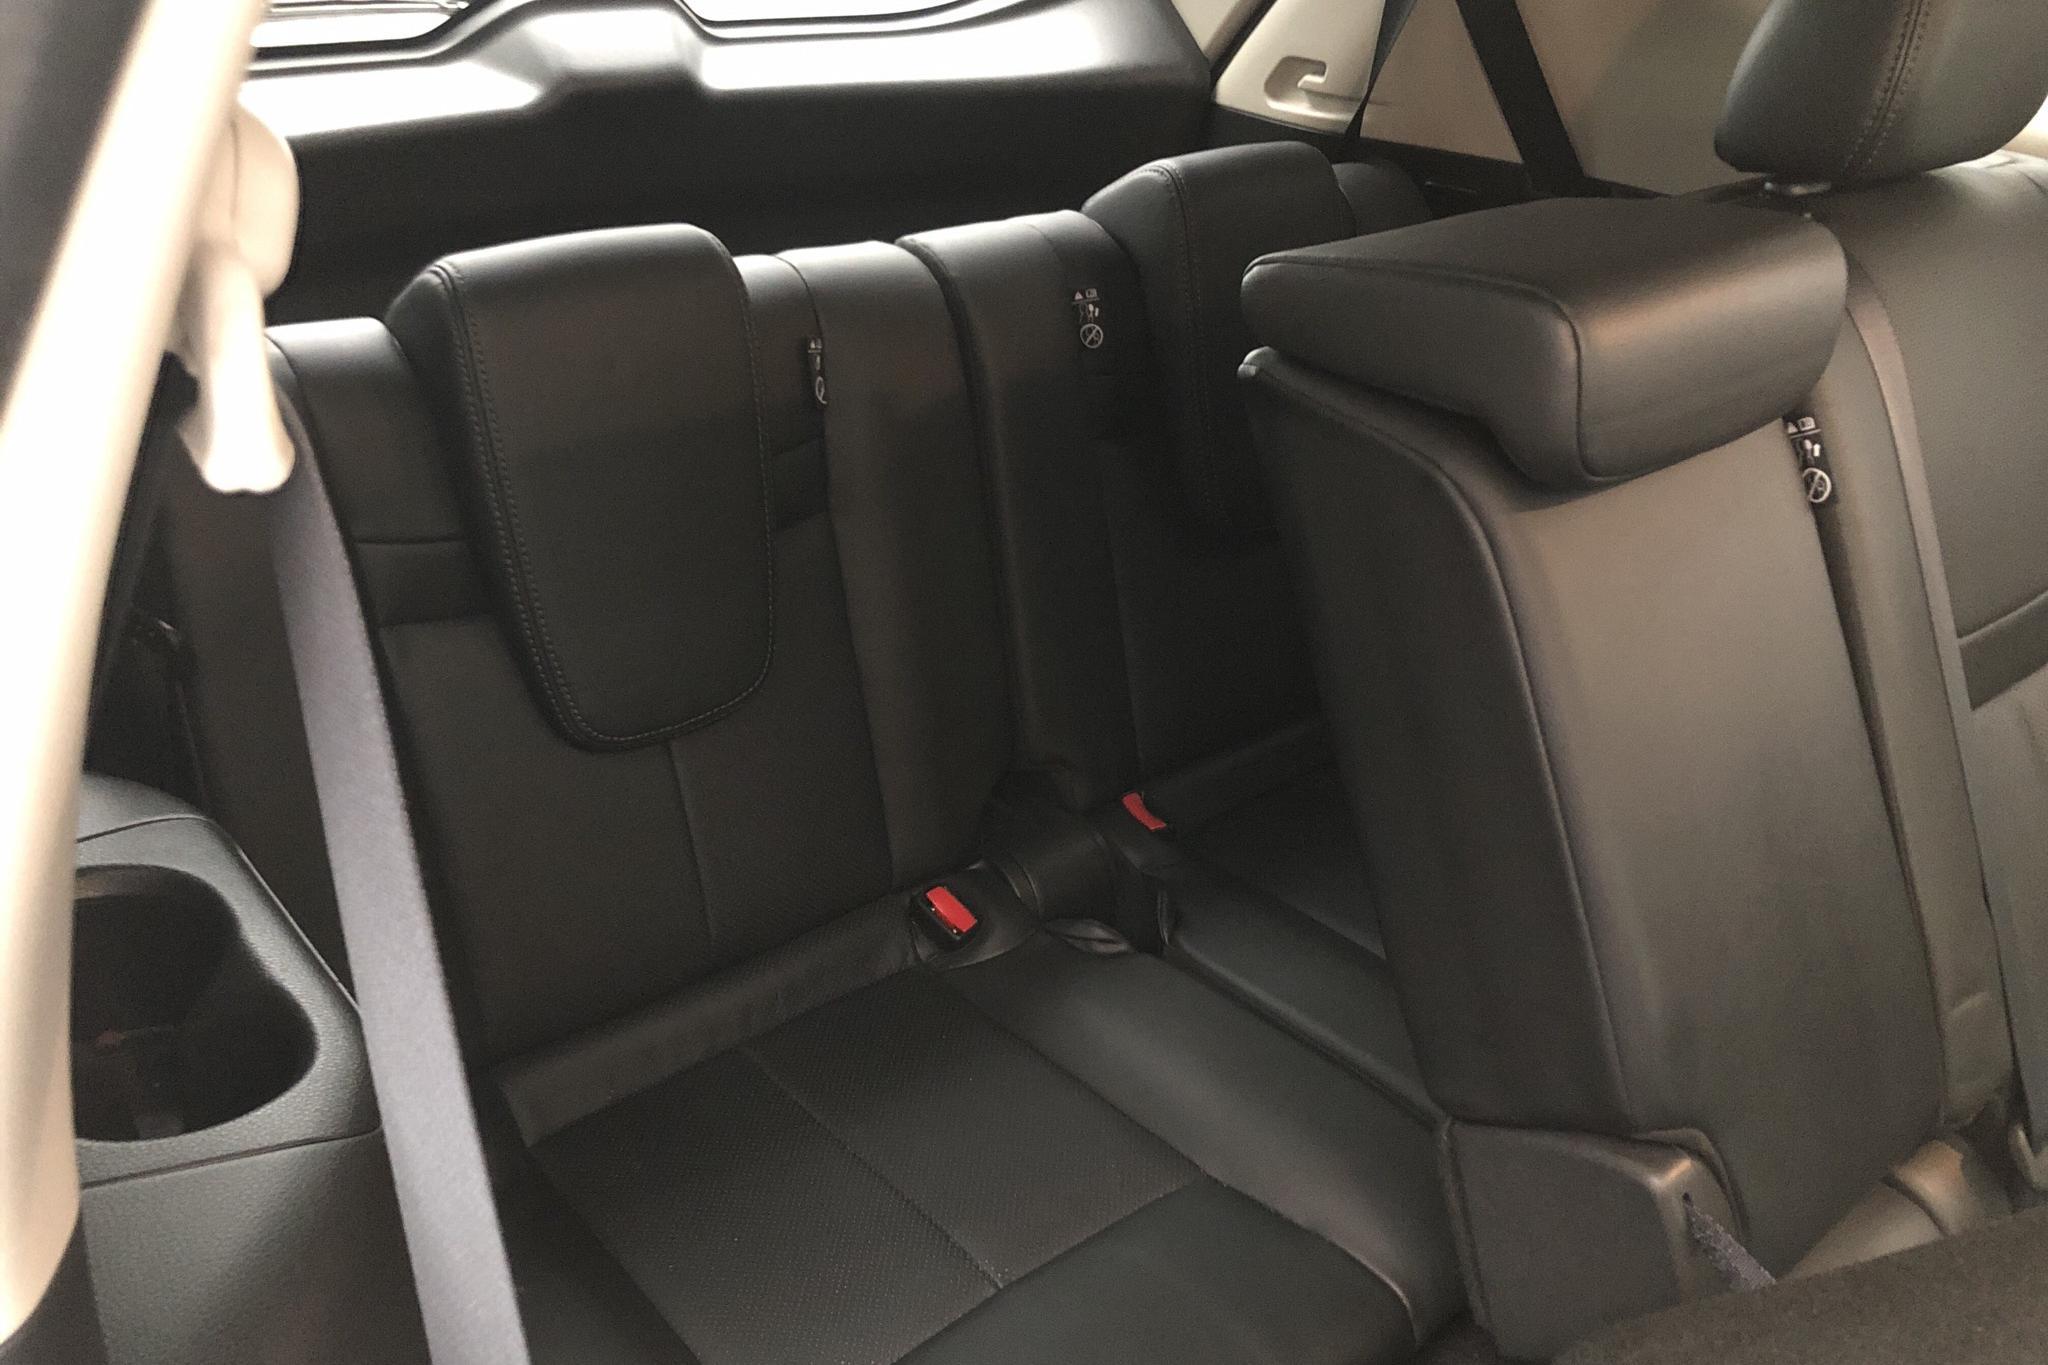 Nissan X-trail 1.6 dCi 2WD (130hk) - 4 795 mil - Automat - vit - 2017